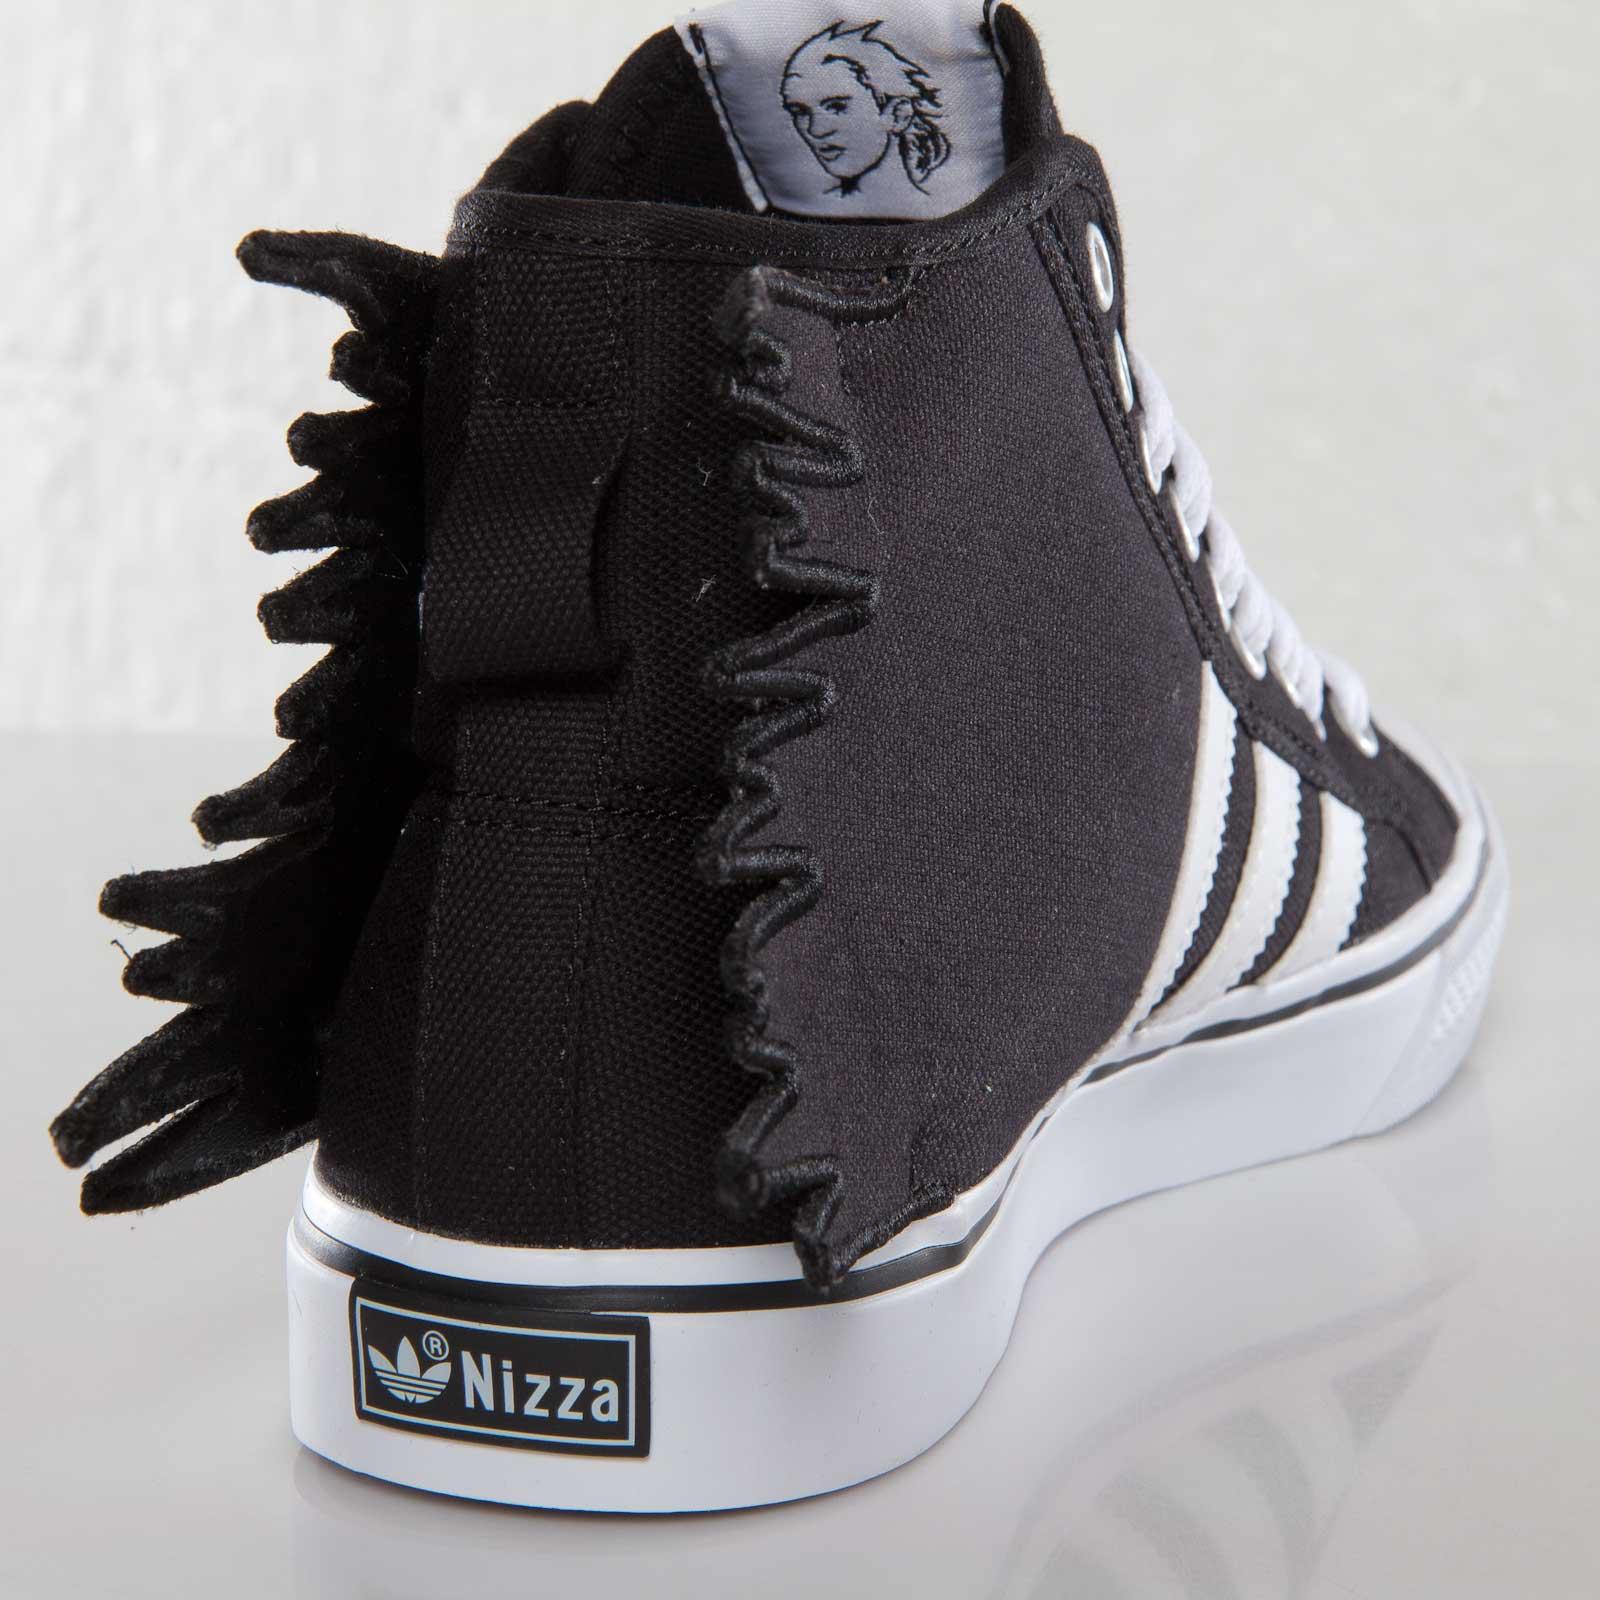 d7dc4a3b59b adidas JS Nizza Jagged - Q23107 - Sneakersnstuff